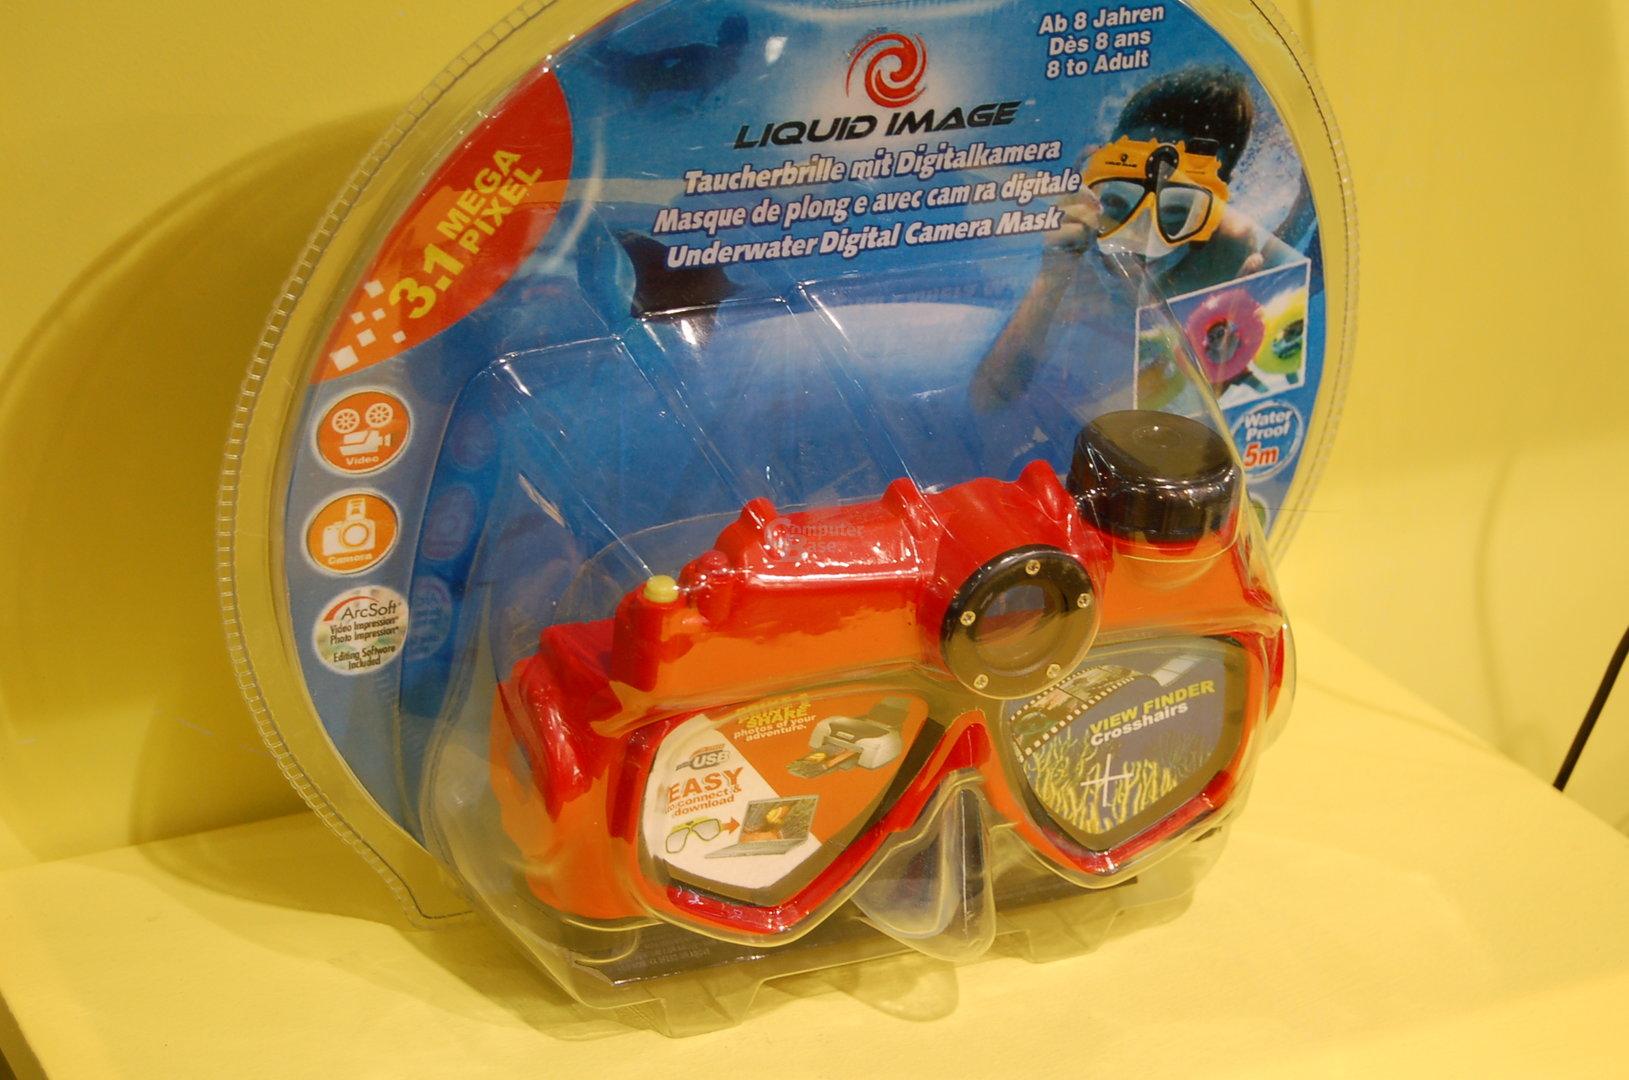 Taucherbrille mit integrierter 3,1-Megapixel-Kamera